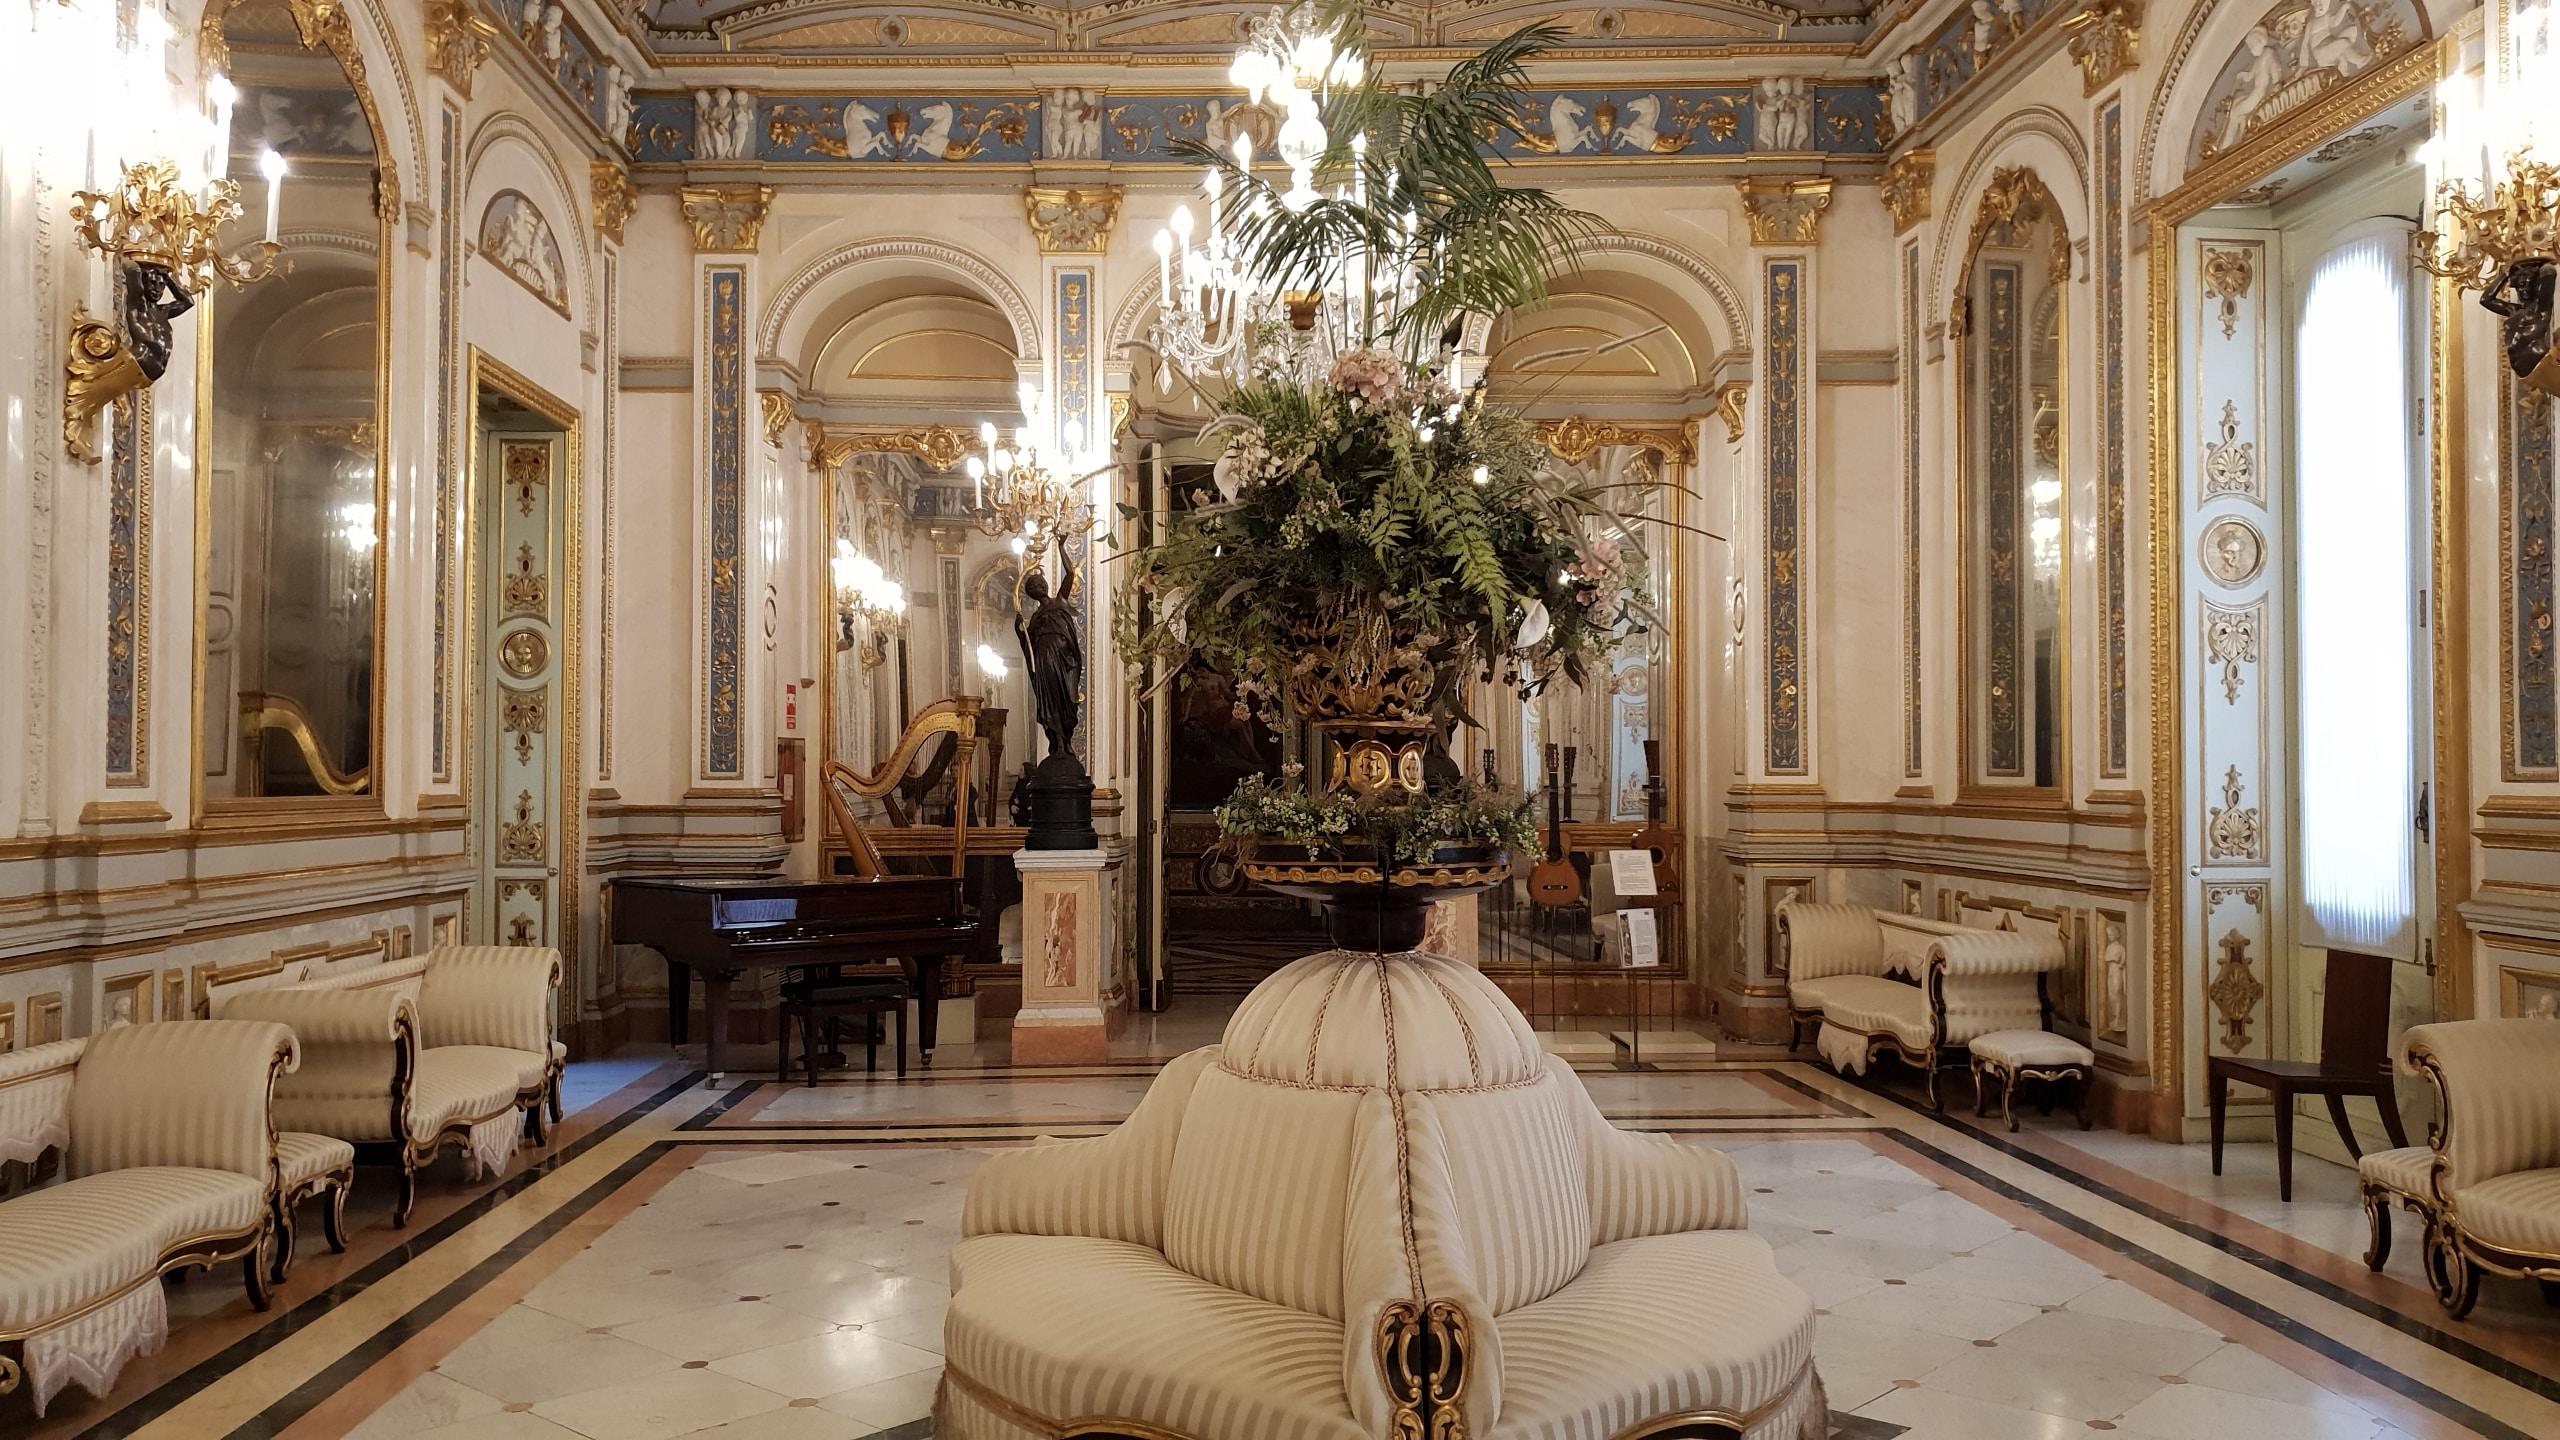 Inside palace of Marques de Dos Aguas